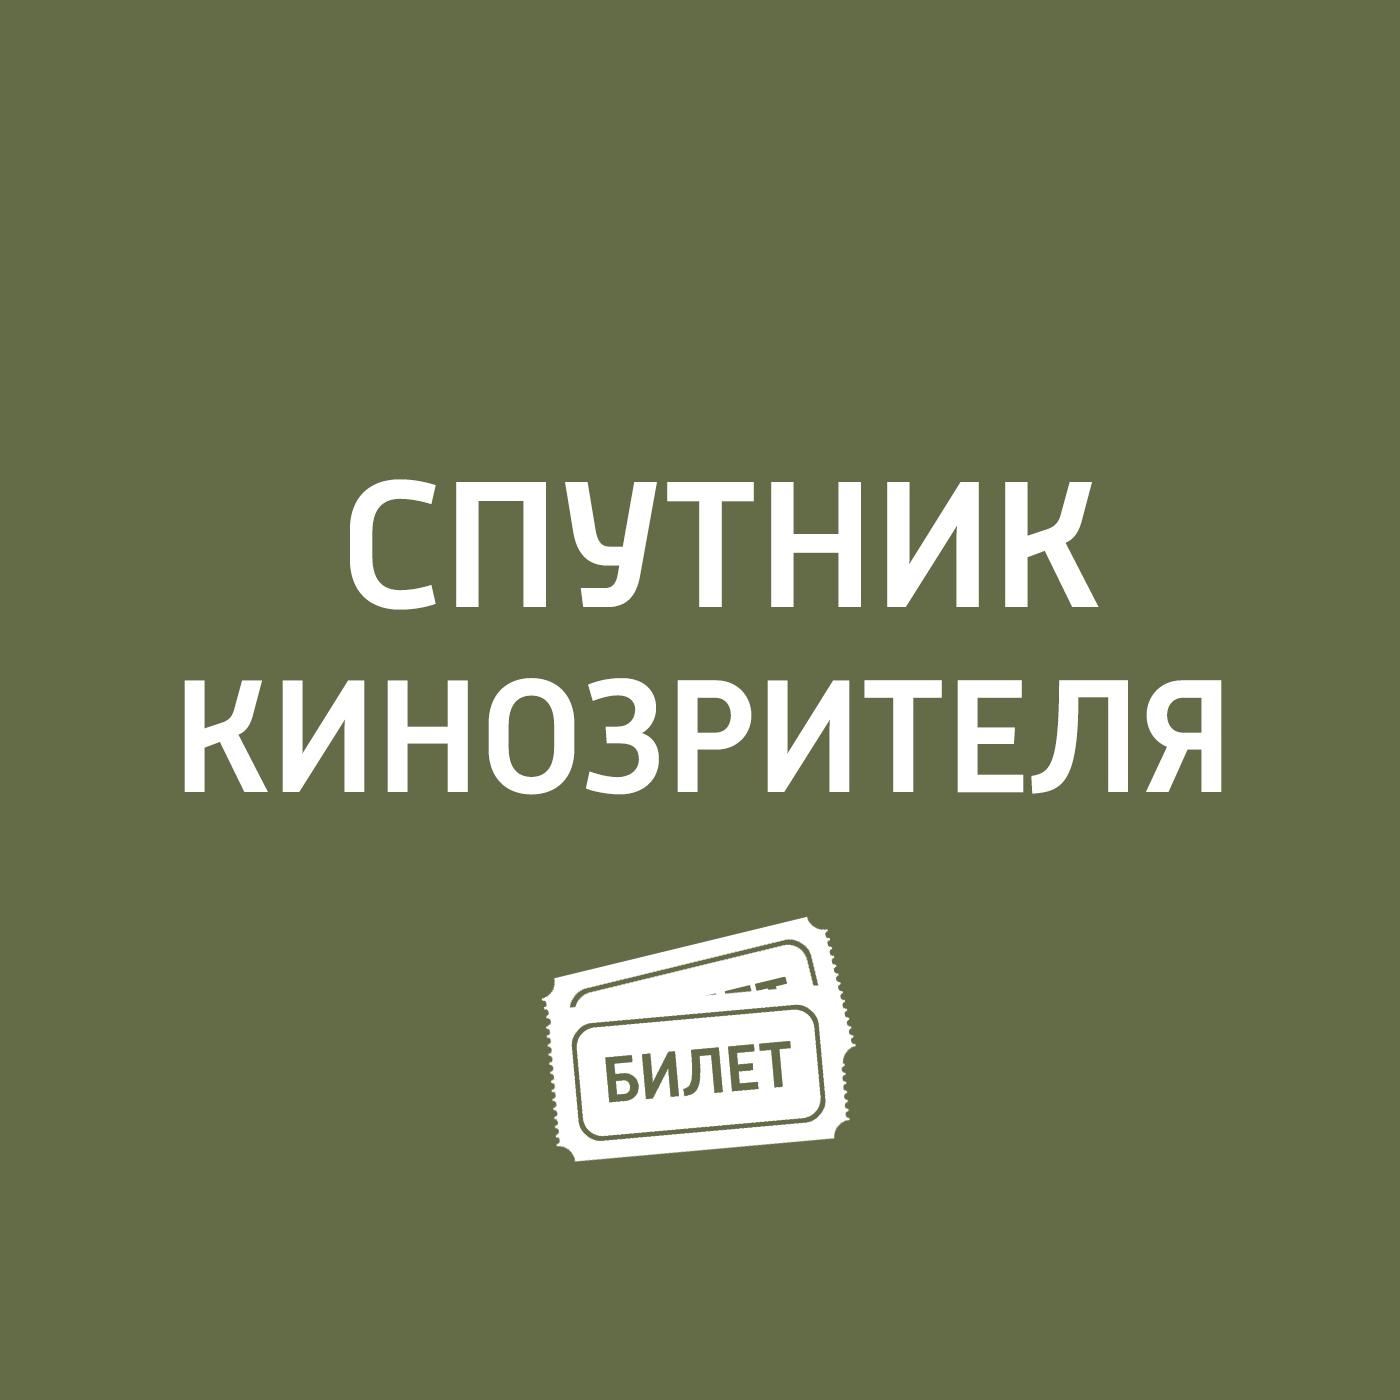 Антон Долин Рио 2, «Ив Сен Лоран, «Проклятие 2, «Иуда и др.